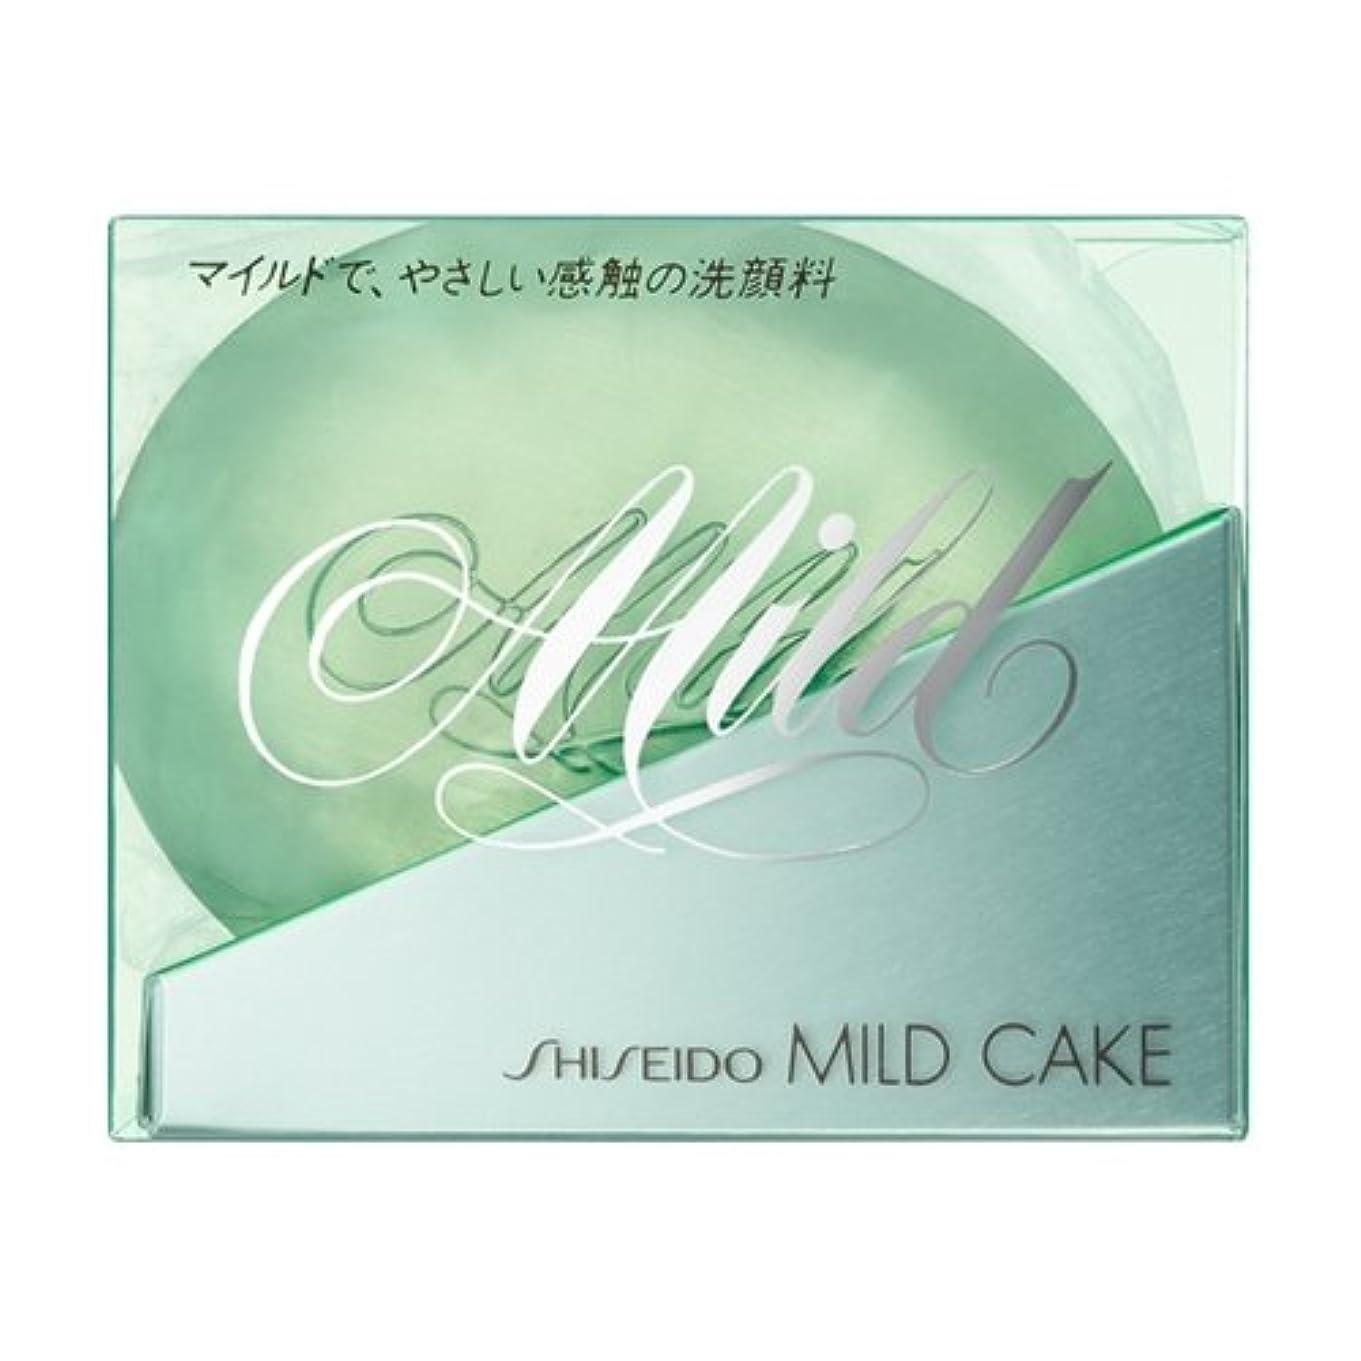 悪名高い速記王子資生堂 マイルドケーキ